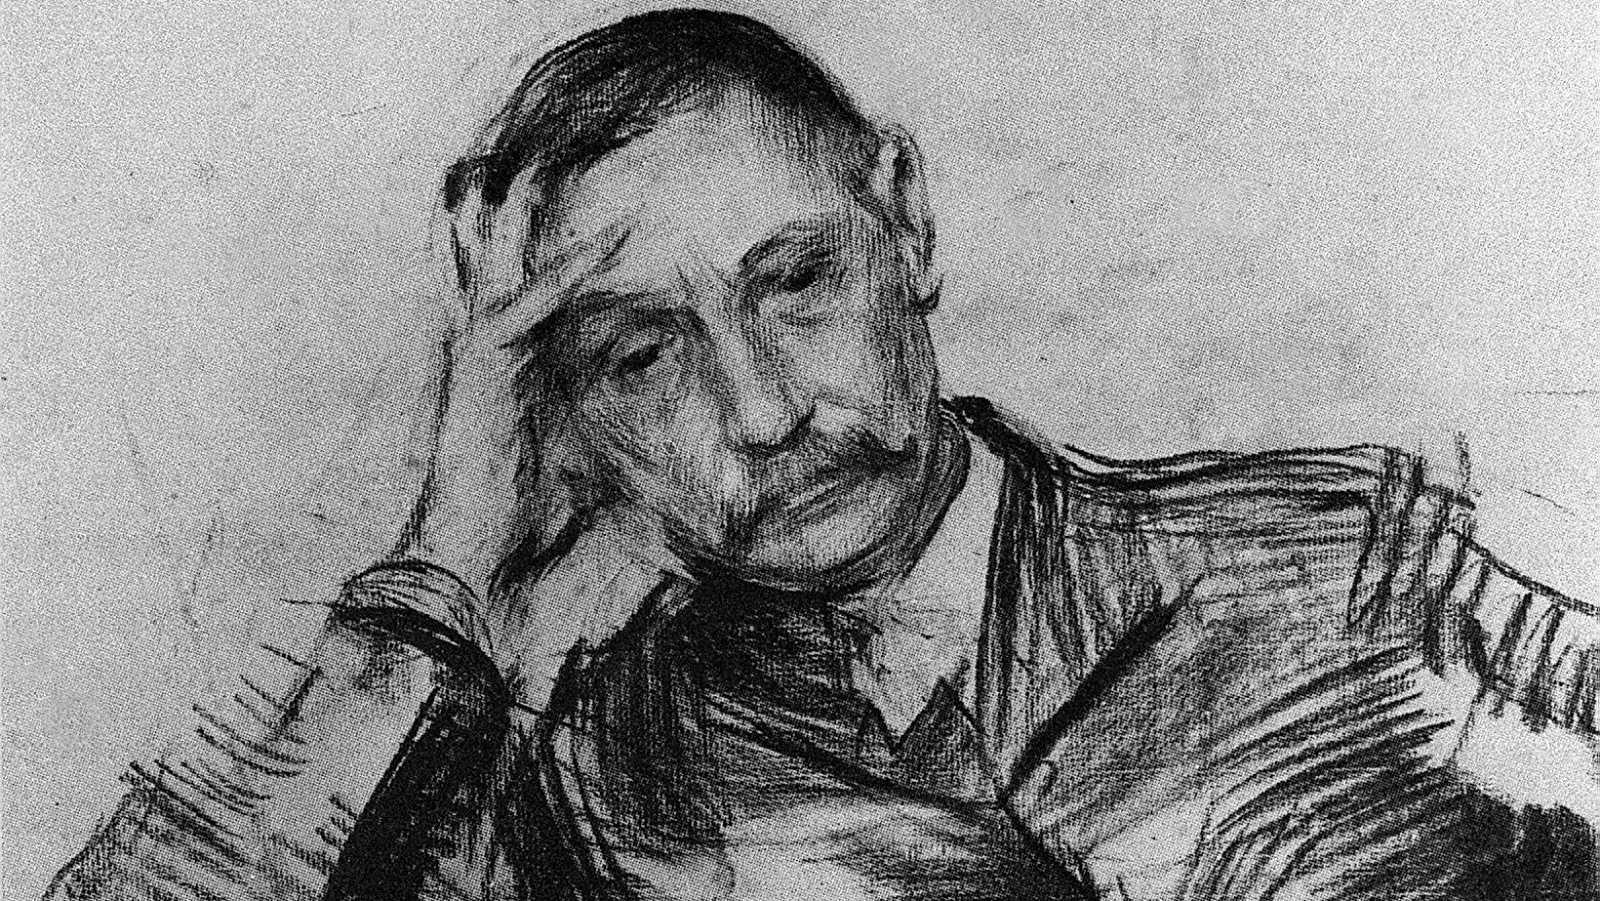 Retrato del escritor Benito Pérez Galdó